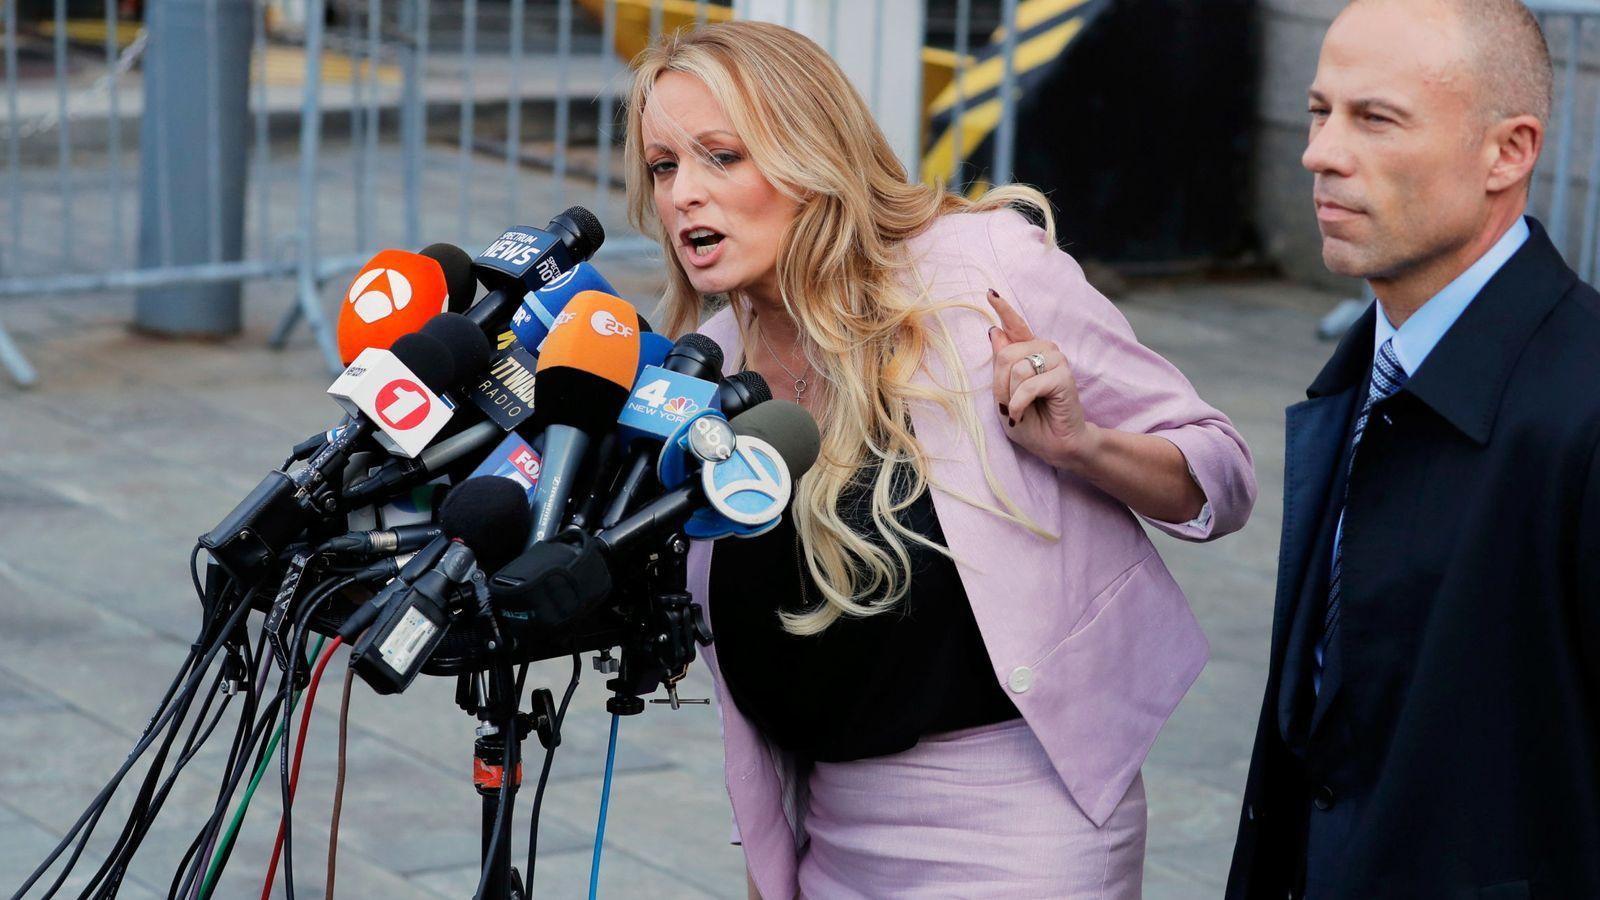 Actrices Porno Catalanas detienen a la ex actriz porno stormy daniels, supuesta